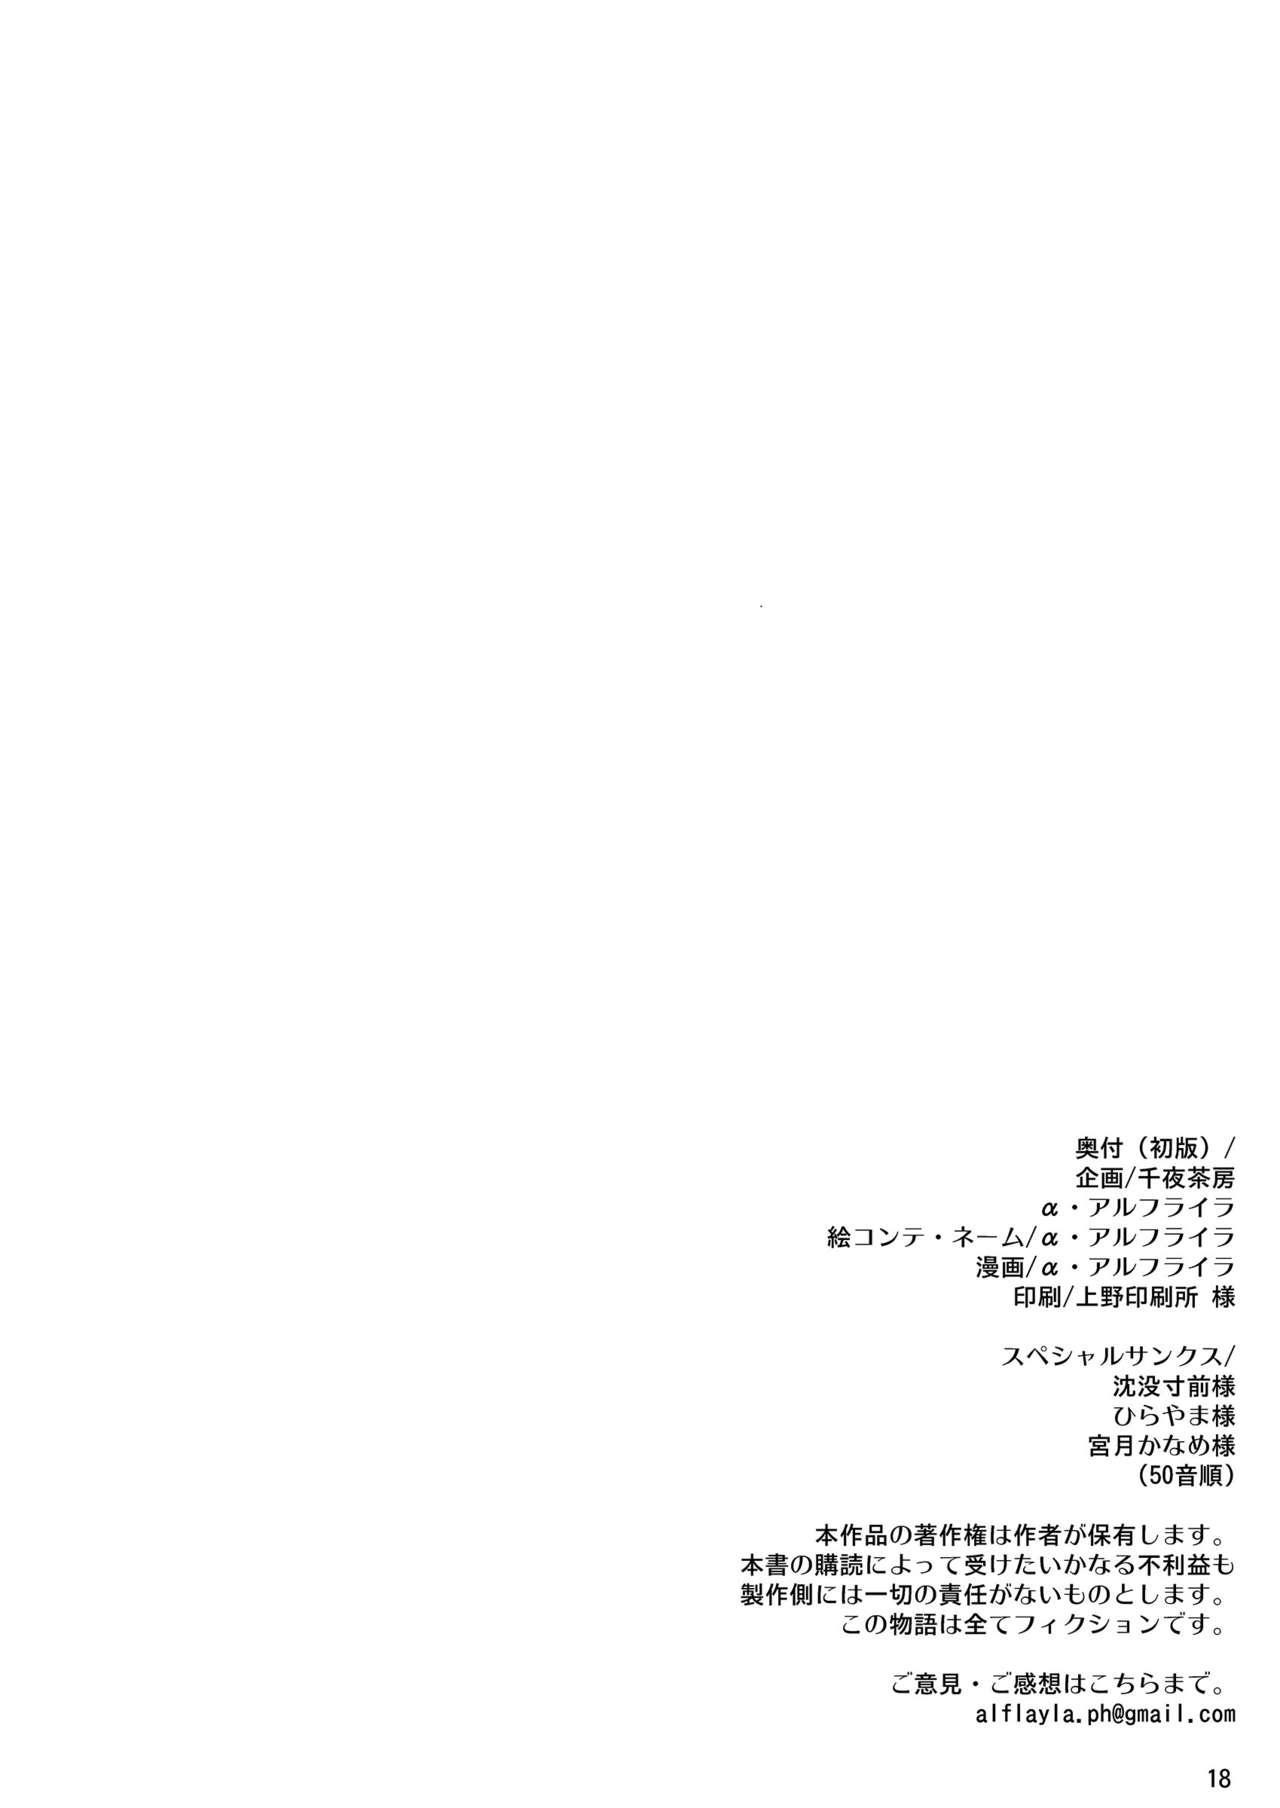 Futanari Onee-san x Otokonoko Cosplayer Mesu Ochi Choukyou Kainikou 17